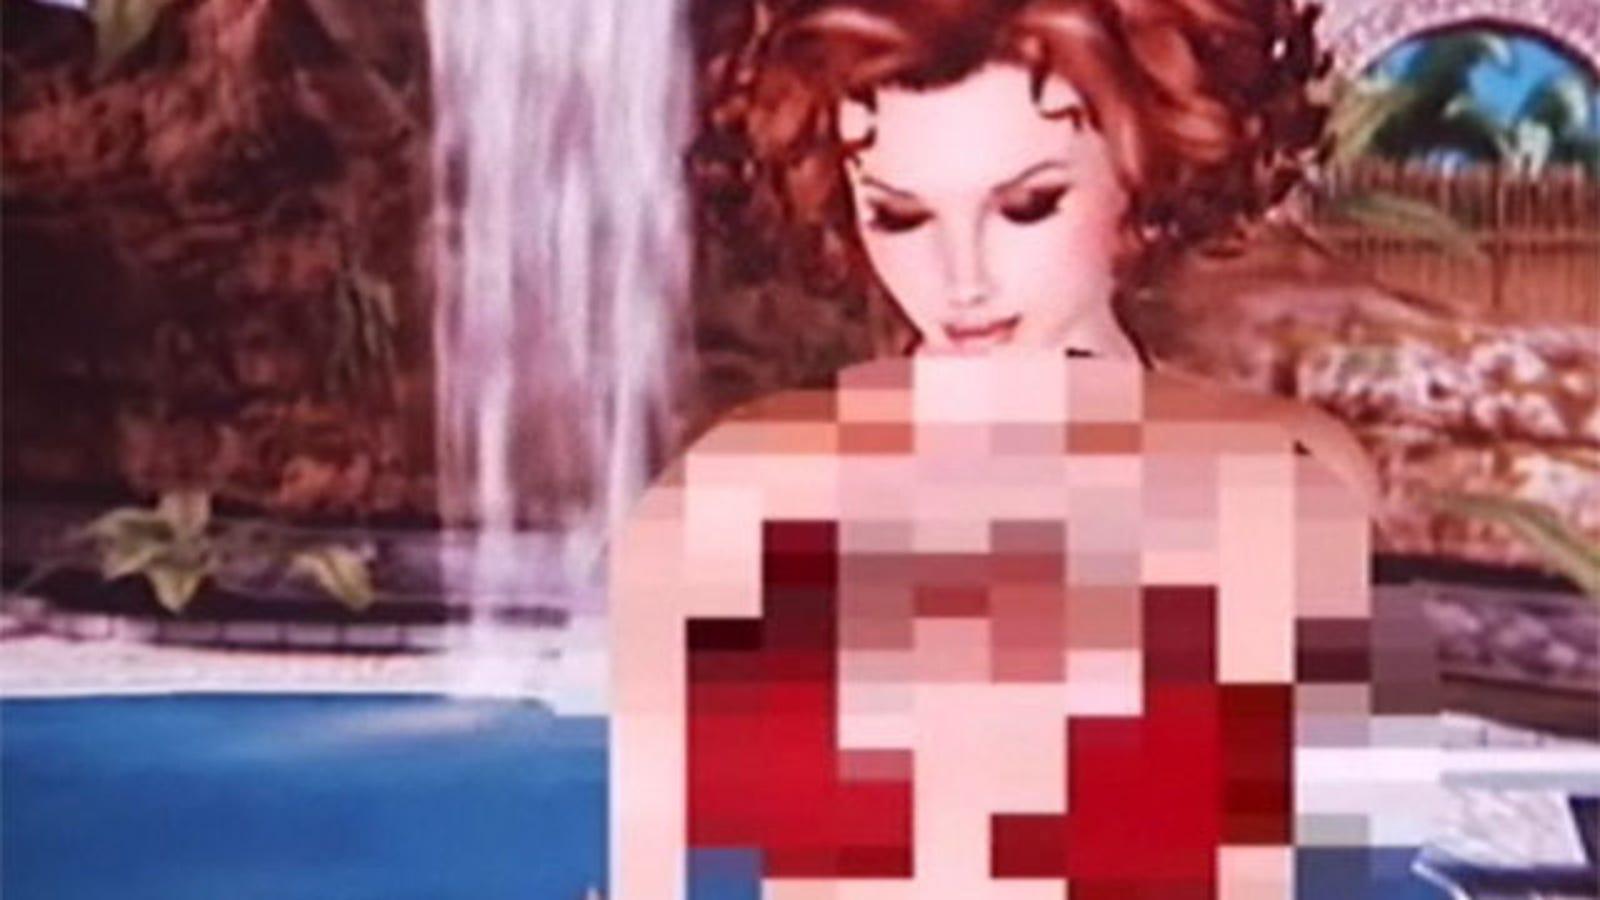 Naked pics of chloe grace moretz